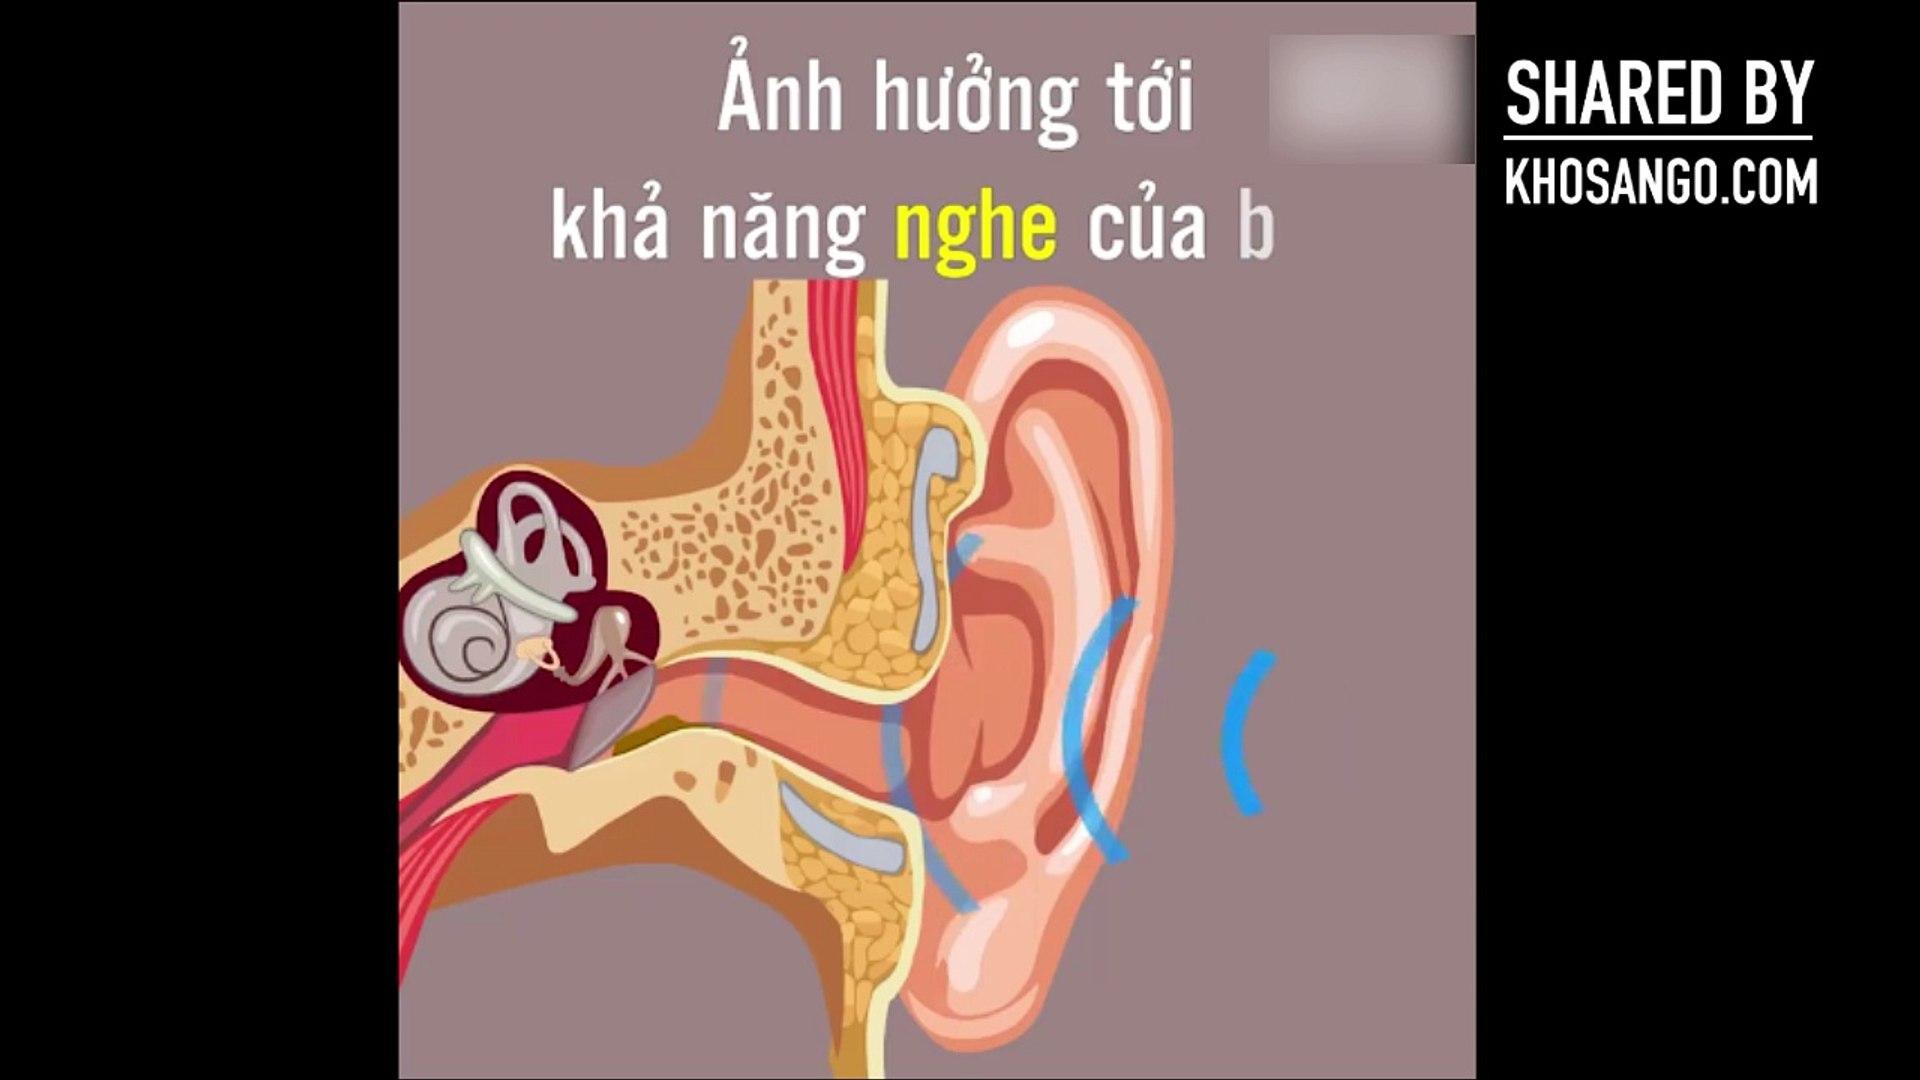 Bạn có dùng bông ngoáy tai hàng ngày Hãy xem video để biết tác hại việc đó.